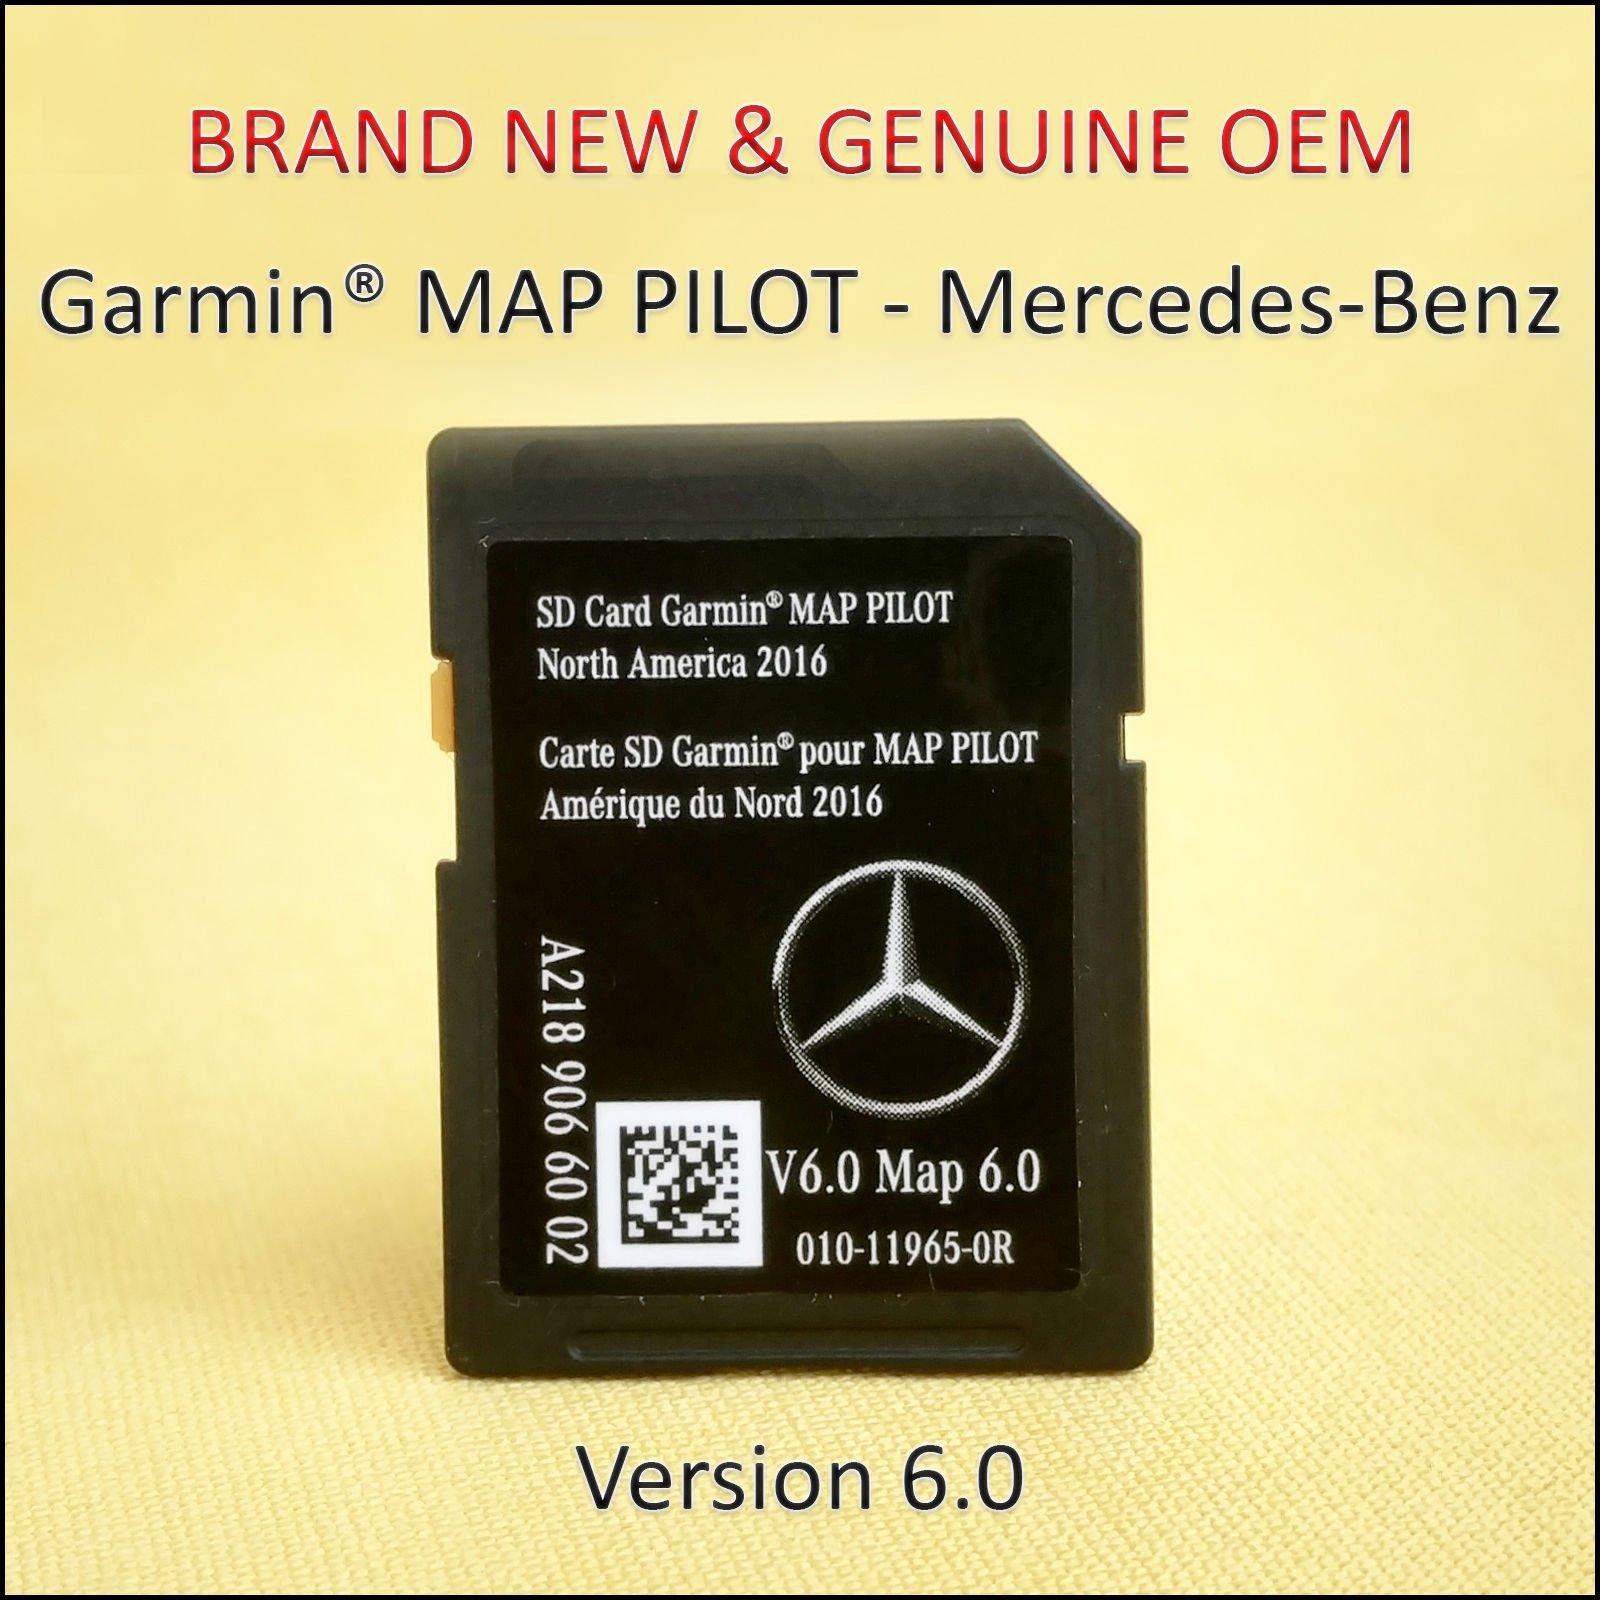 Mercedes-Benz - Sistema de navegación para Mercedes-Benz 2014 2015 2016 2017, tarjeta SD, chip de mapa, GPS CLA CLS GLA Clase E, OEM: Amazon.es: Electrónica